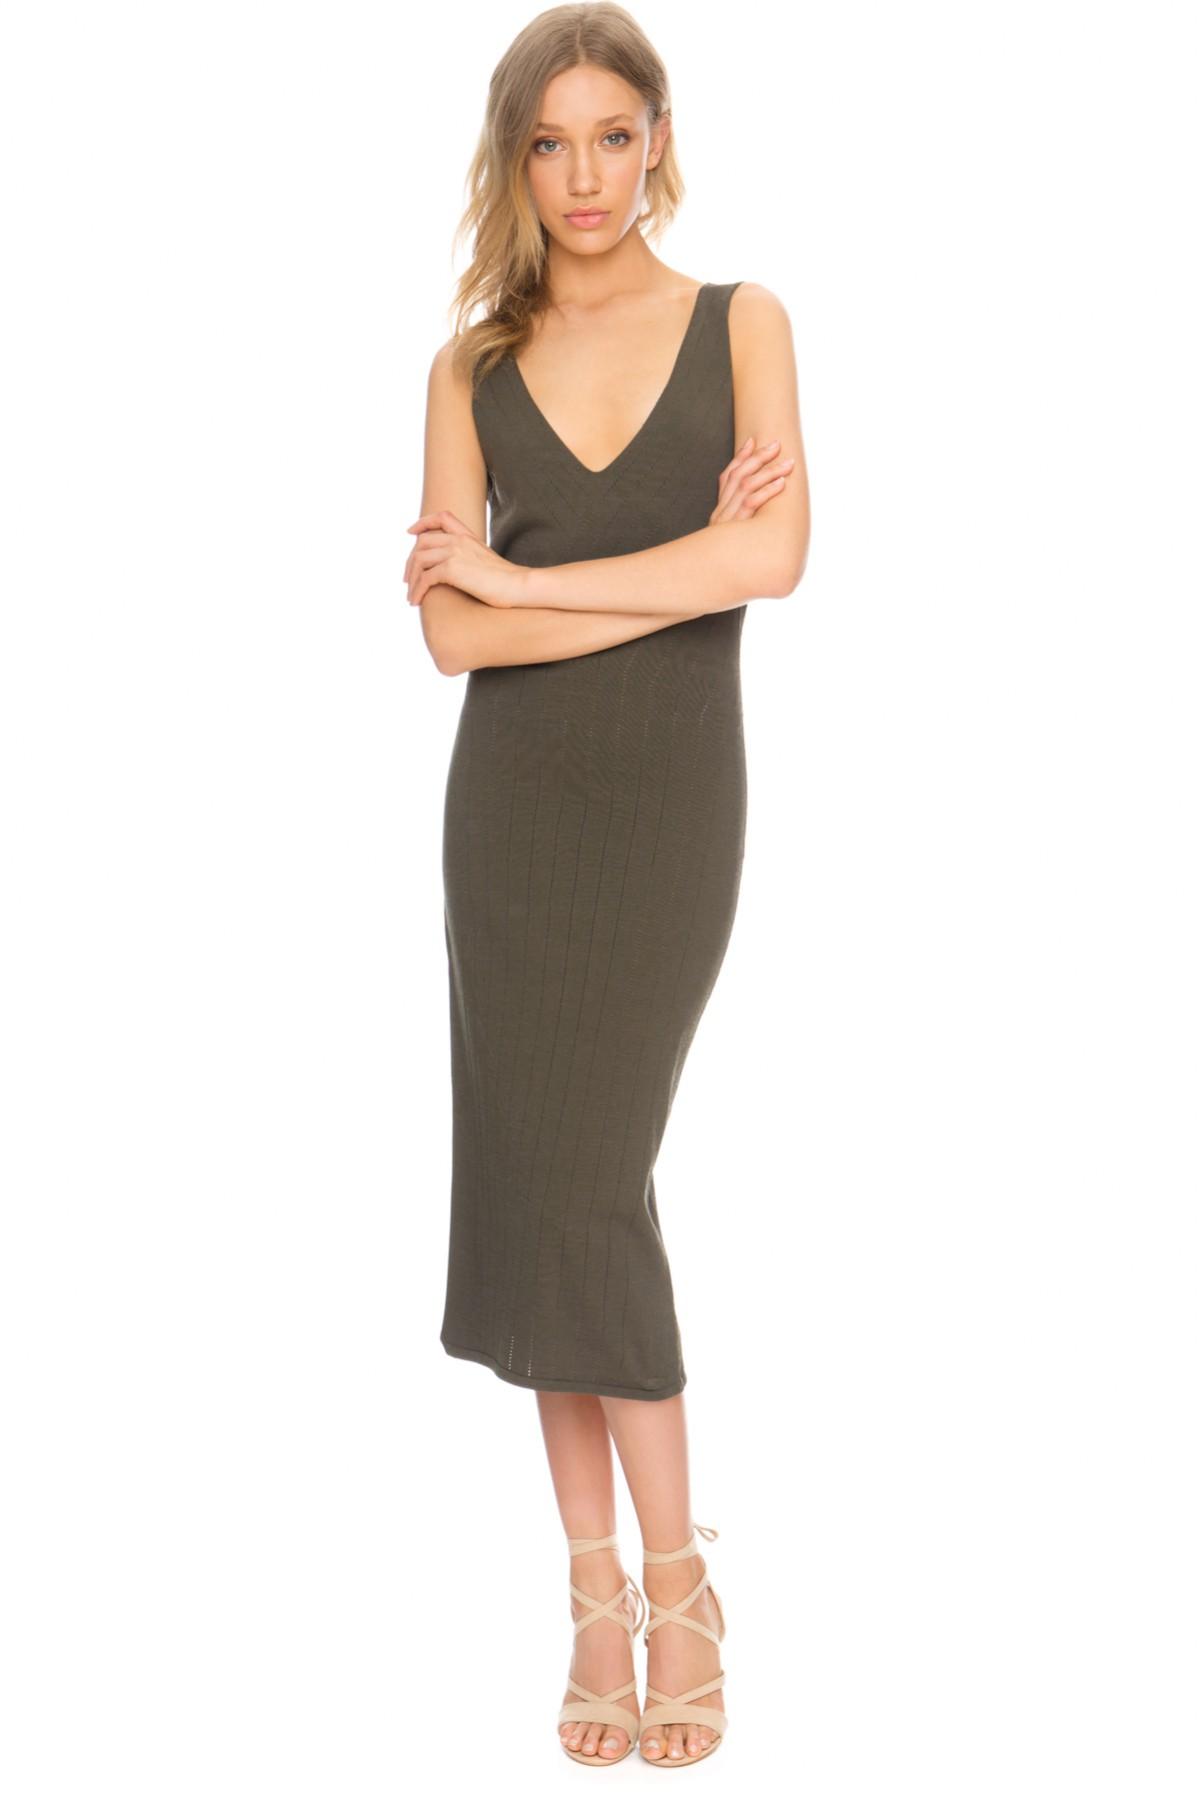 Shop the FINDERS Titanium Dress.